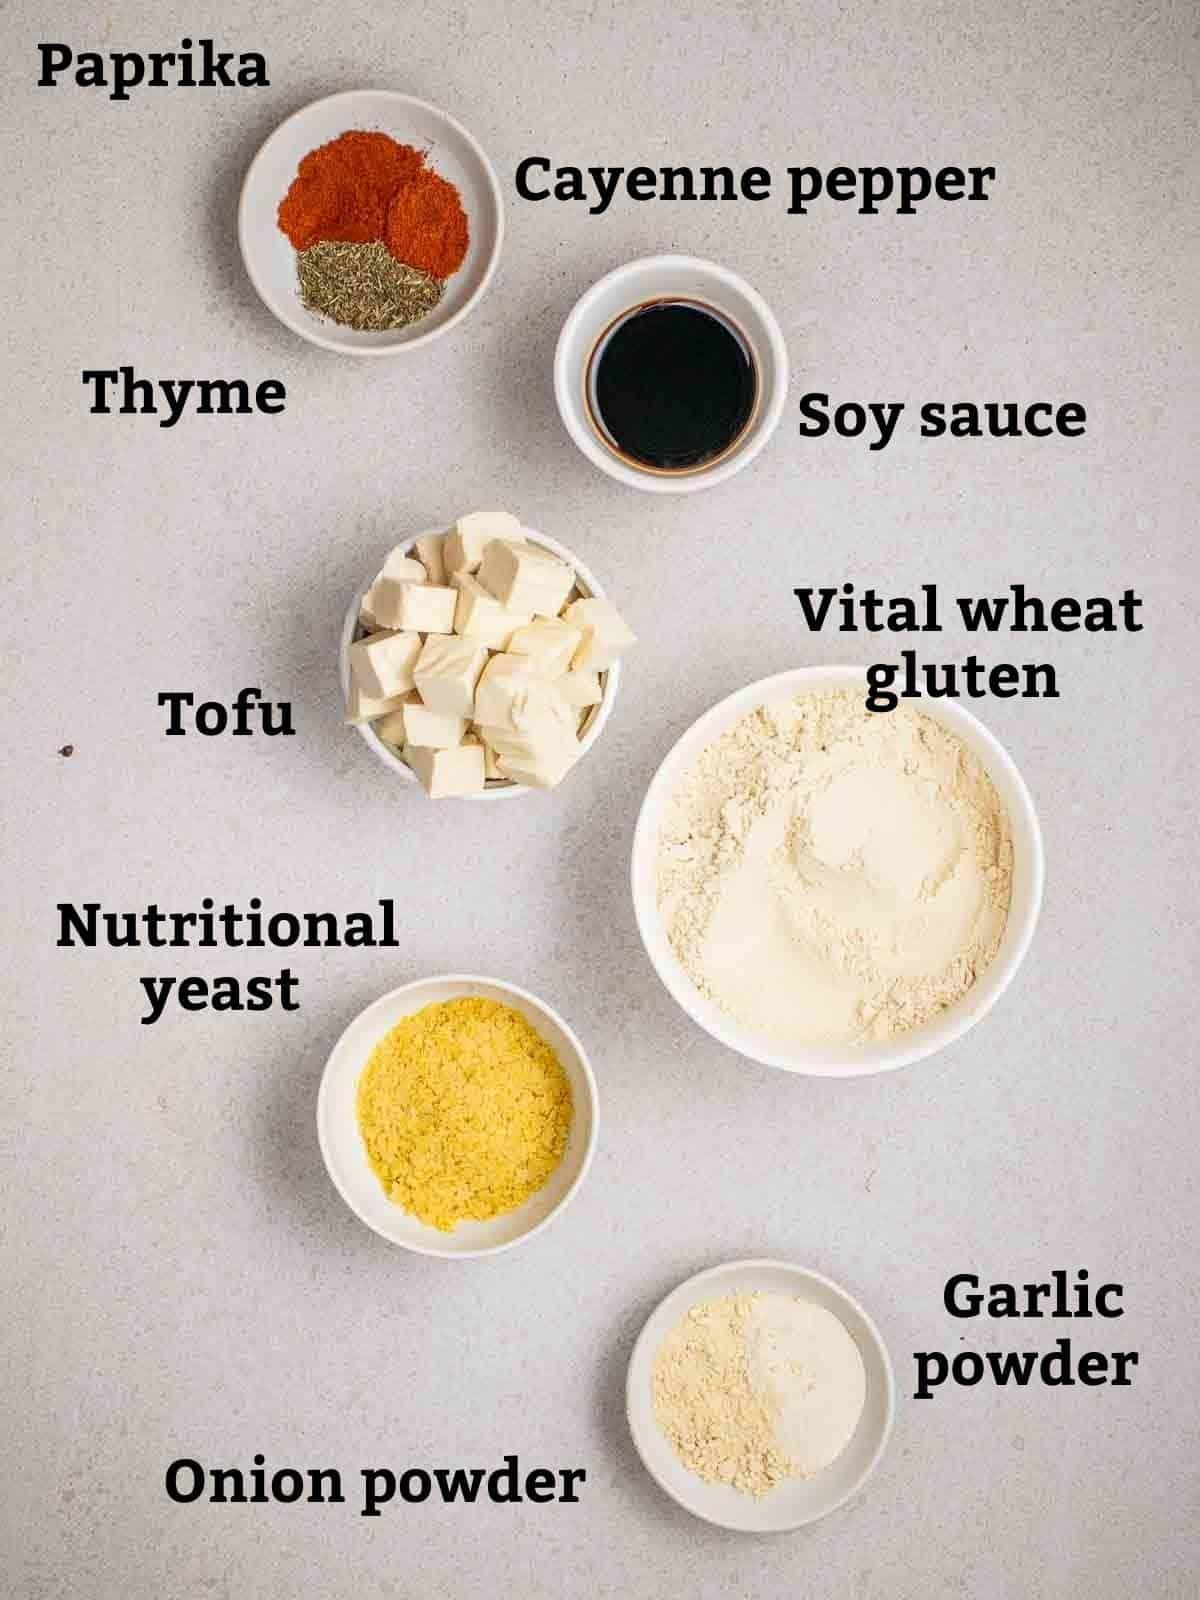 Ingredients needed like vital wheat gluten, tofu, soy sauce, nutritional yeast and seasonings.